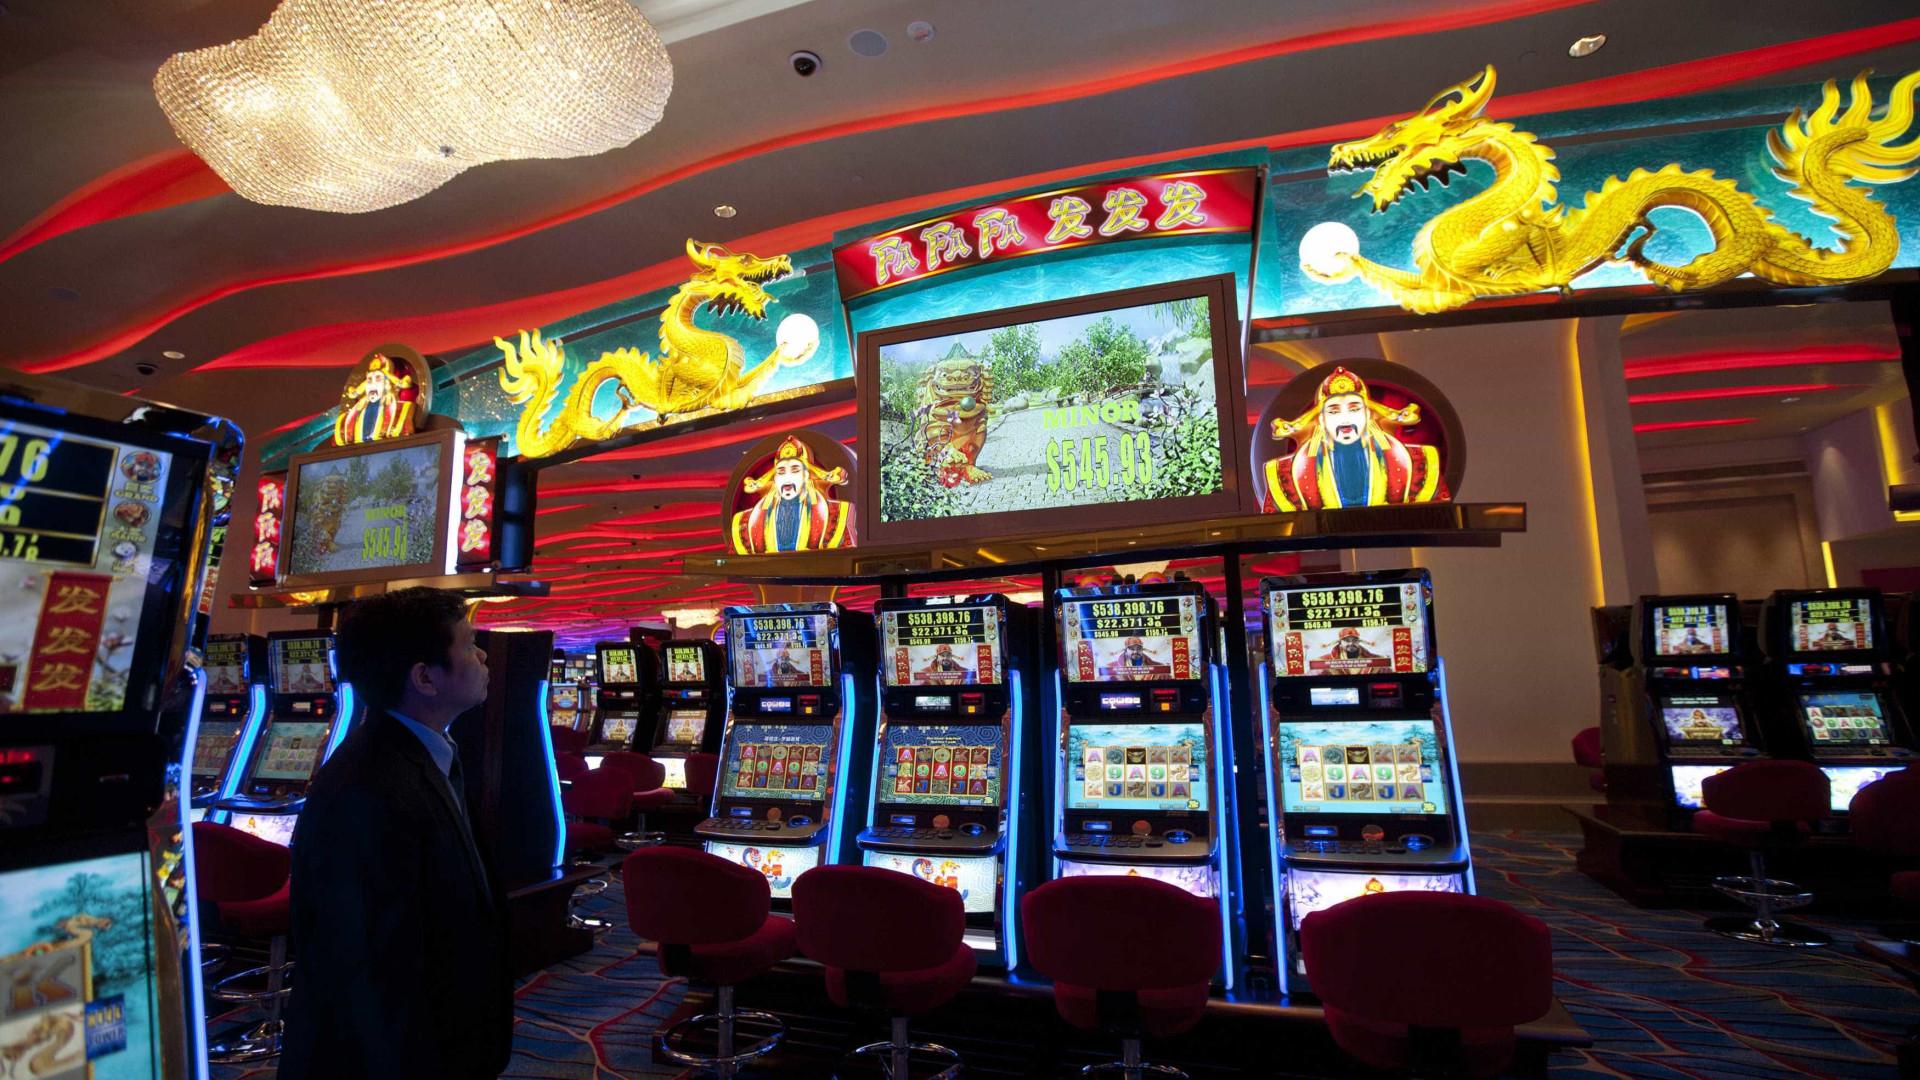 Noticias de casinos en mexico yandex казино